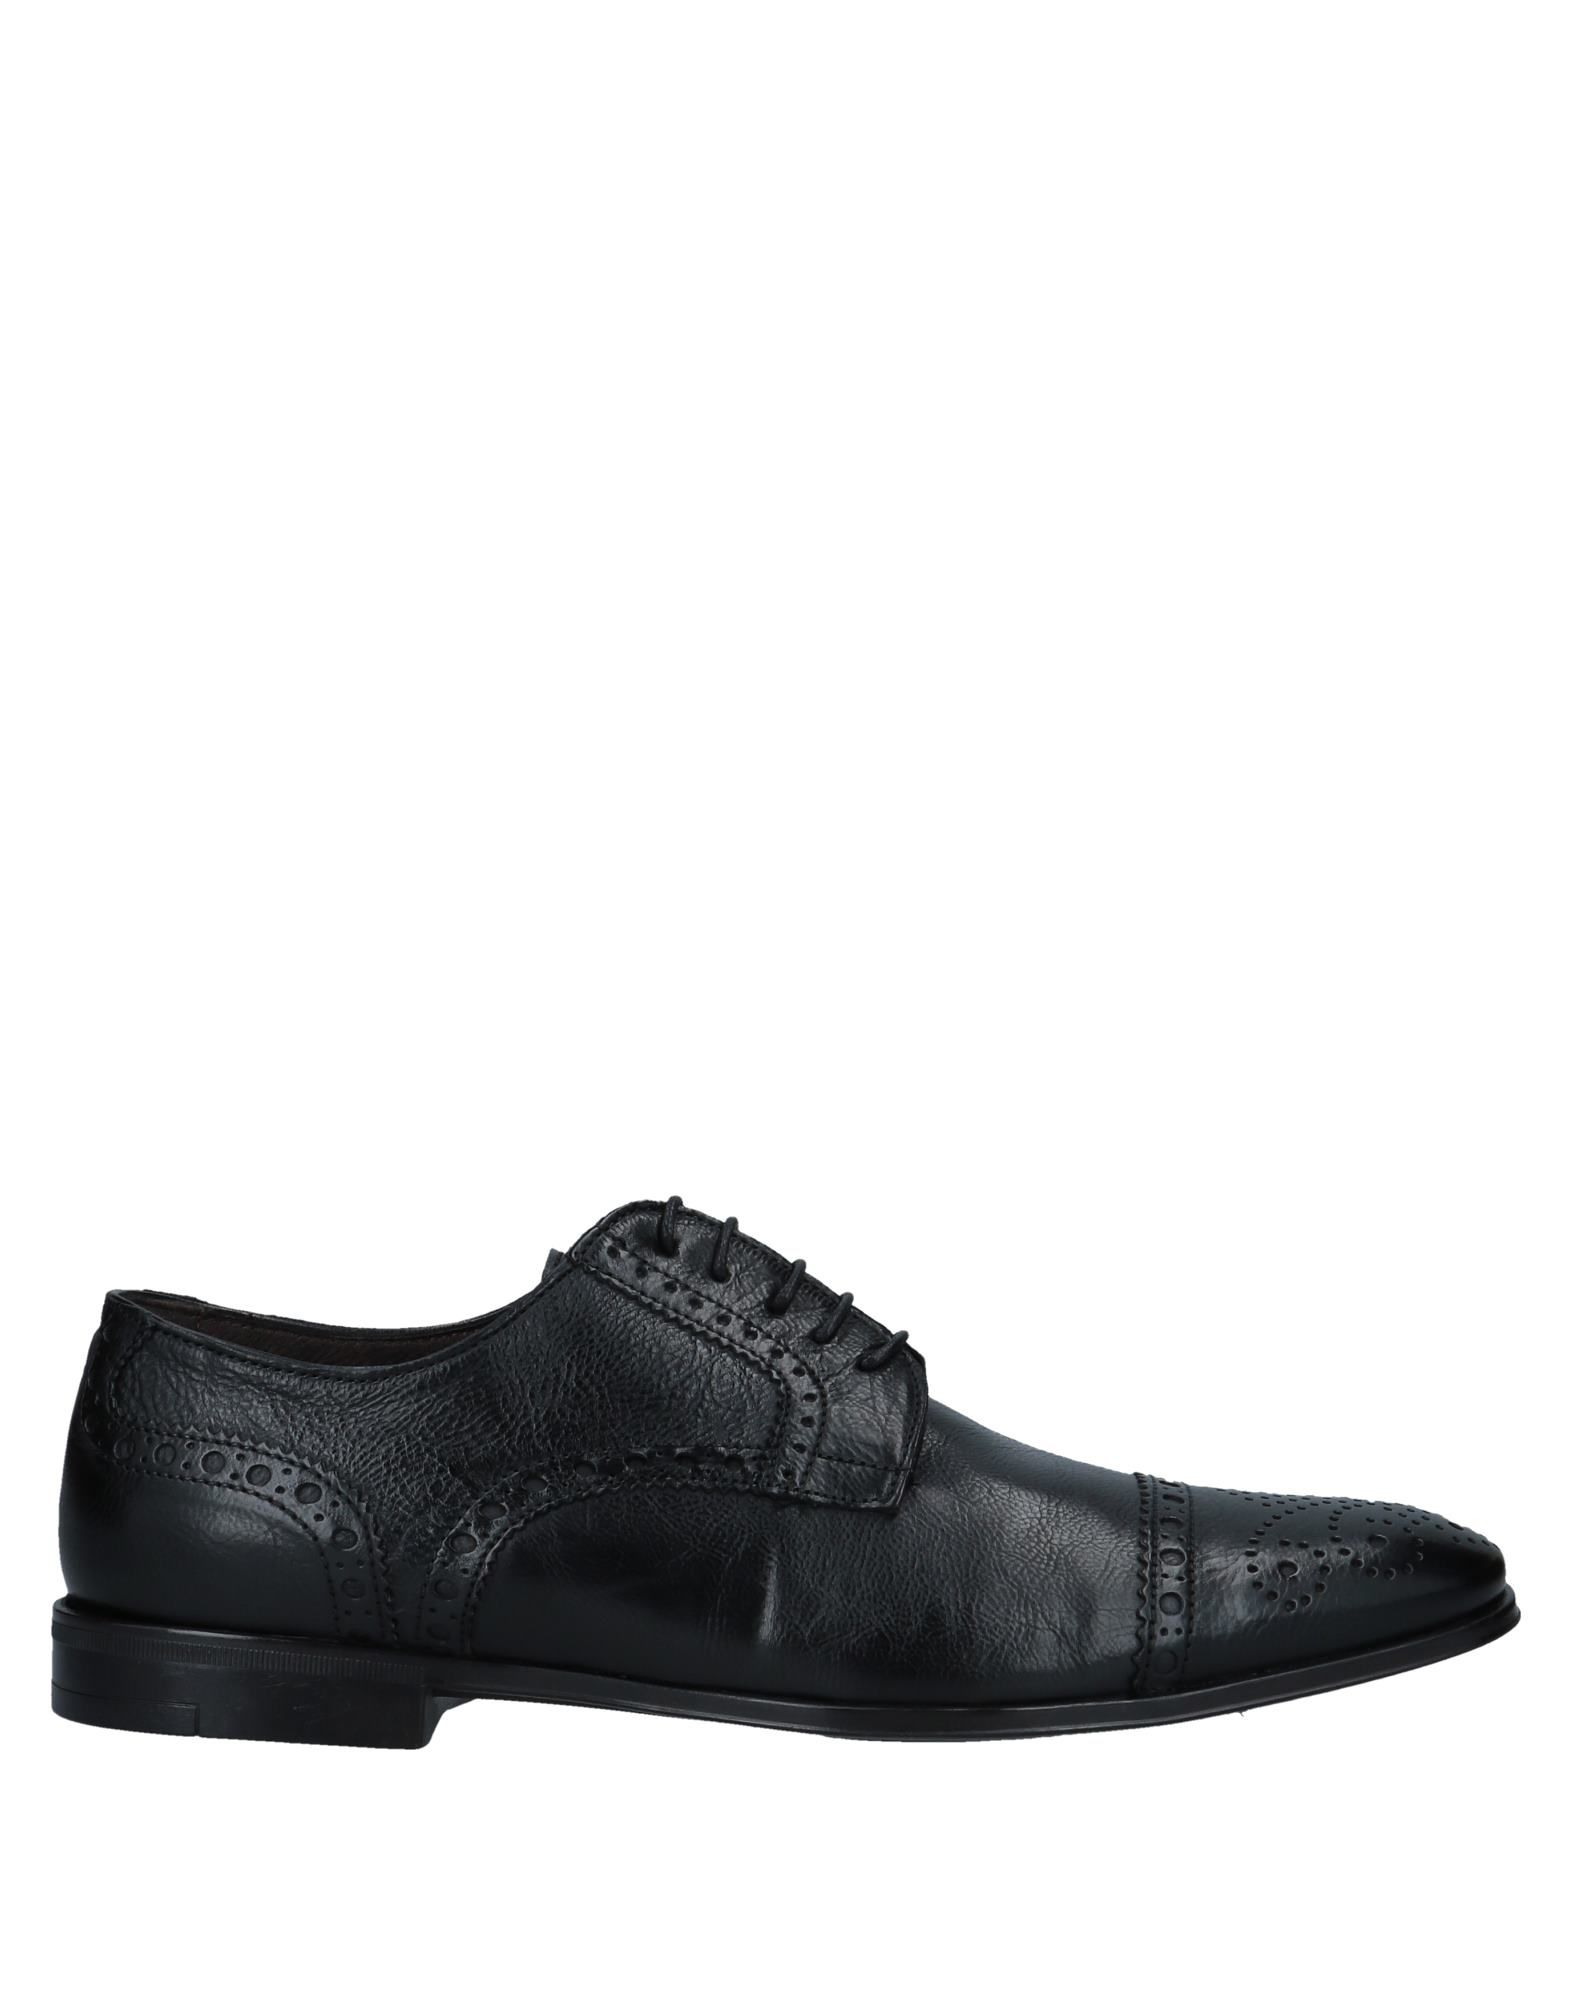 Rabatt echte Schuhe Baldinini Schnürschuhe Herren  11554153HX